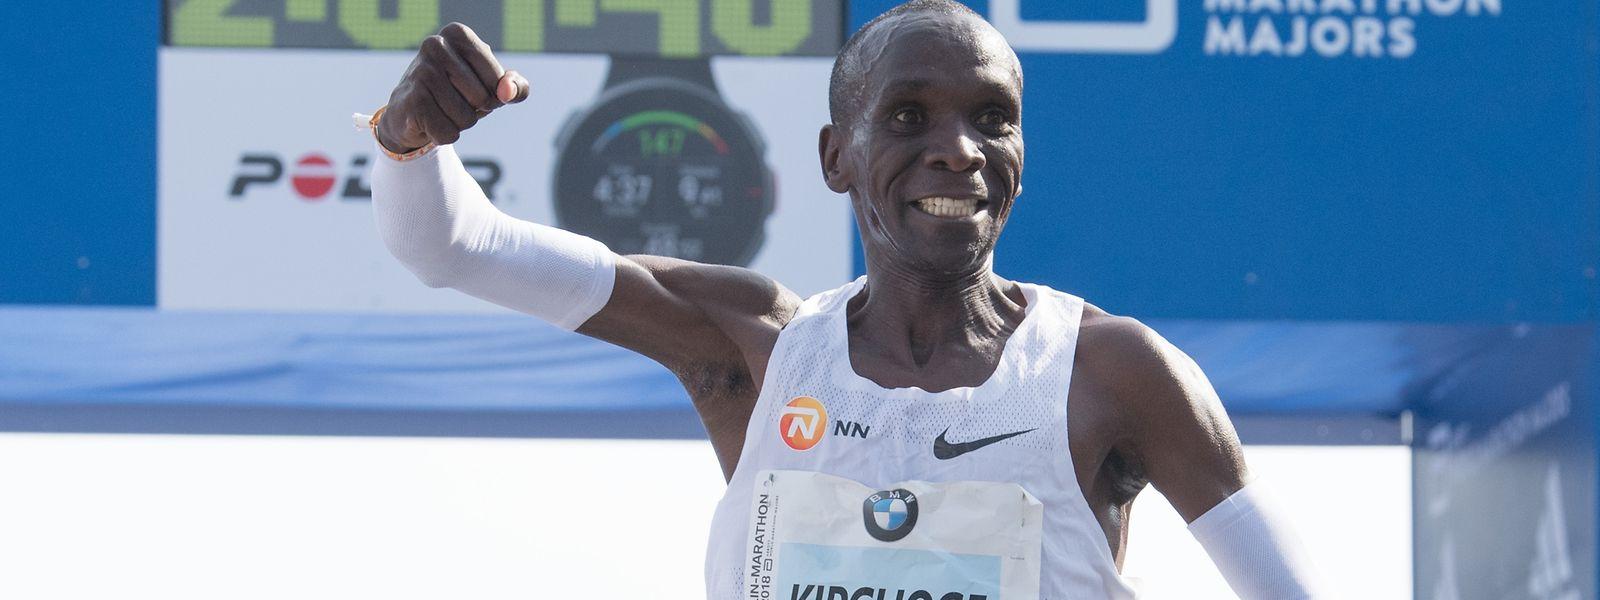 Der Kenianer Eliud Kipchoge gewinnt den 45. BMW-Berlin-Marathon in 2:01:39 Stunden.